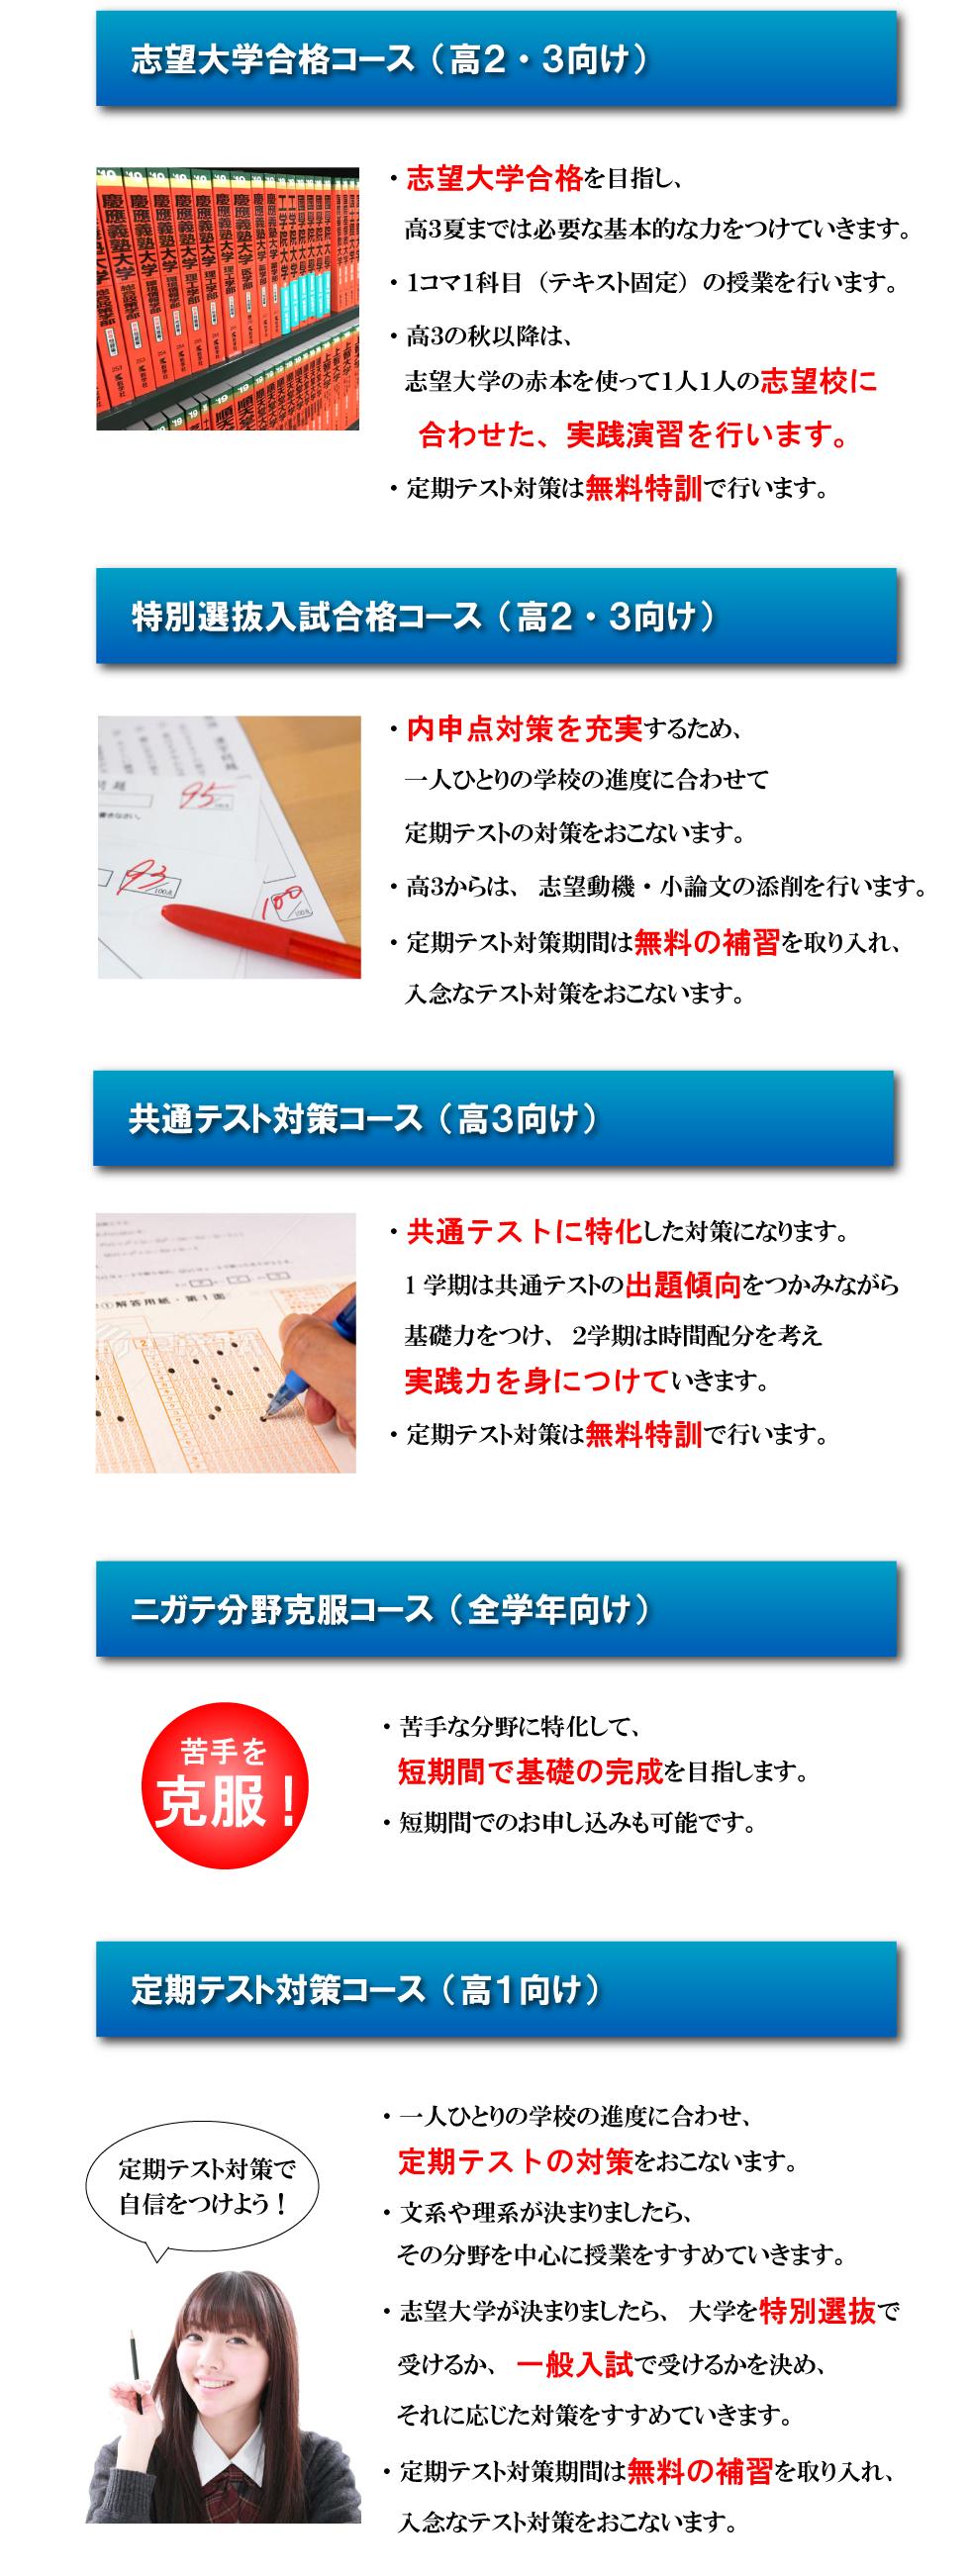 高校生コースの詳細。